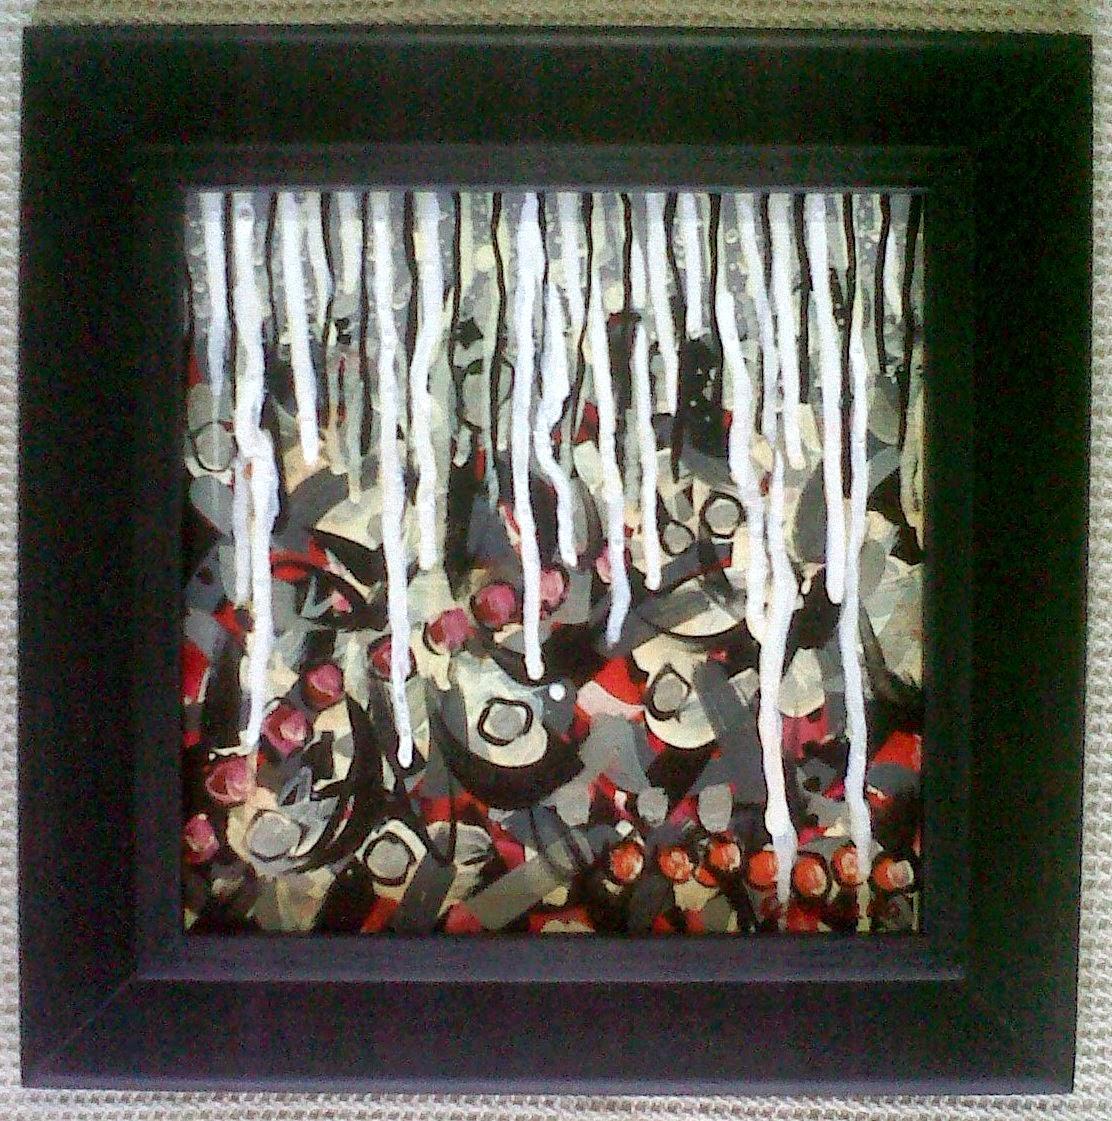 El Arte de Miguel Granado-Troconis: 2014